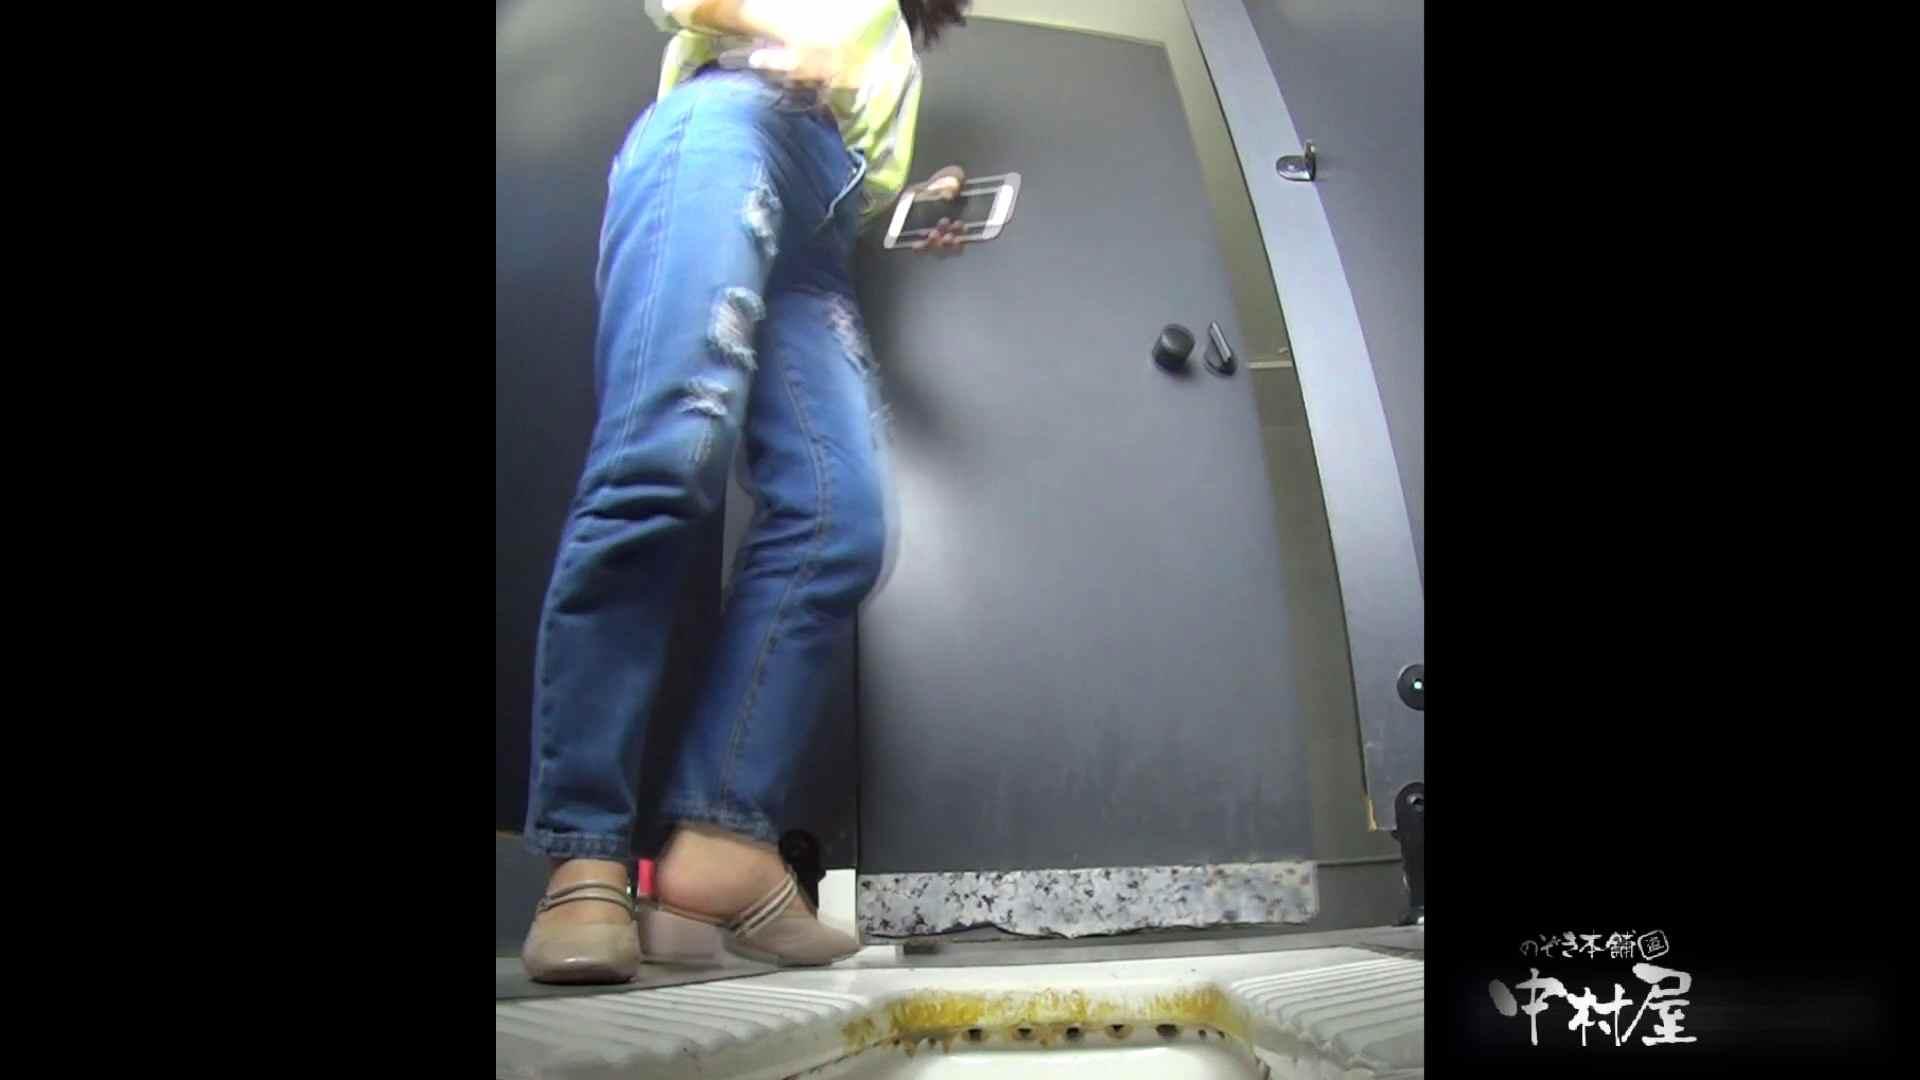 高画質で見る美女達の洗面所 大学休憩時間の洗面所事情14 美女 | 高画質  71画像 34